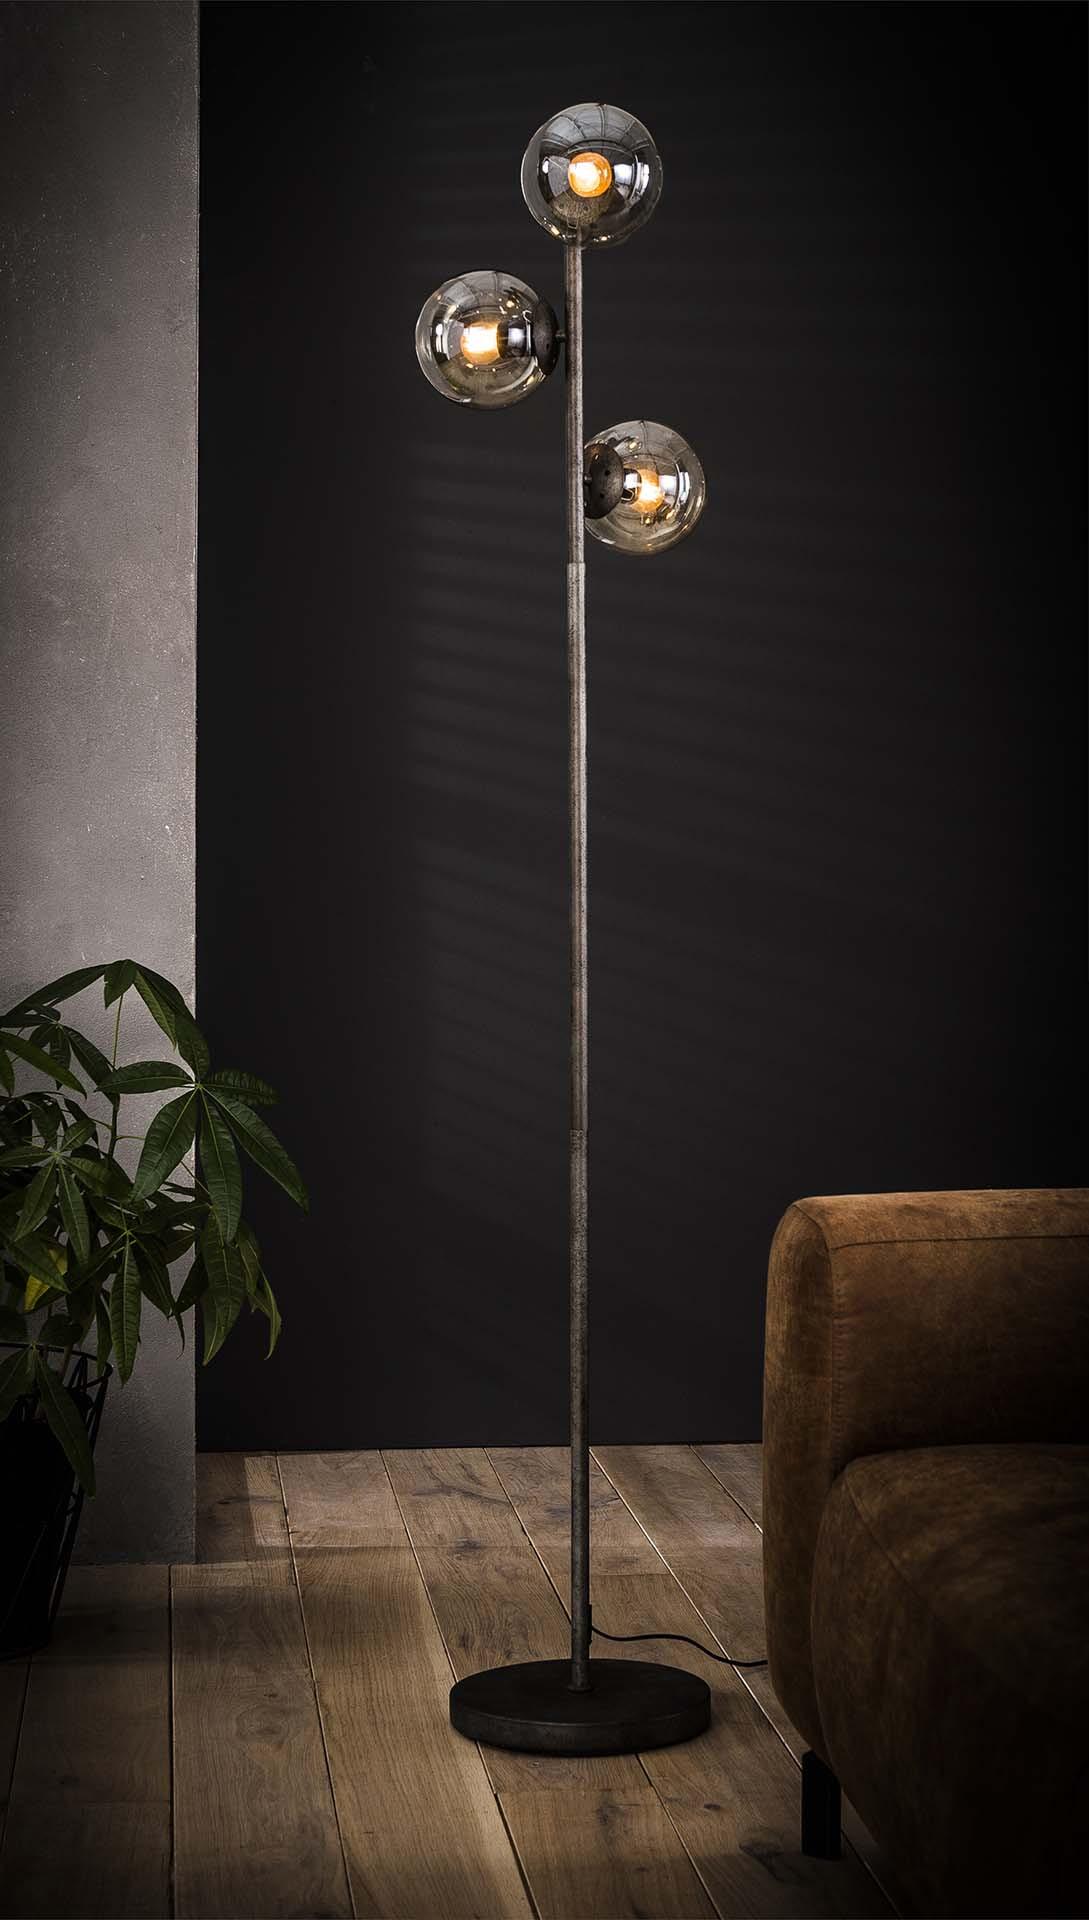 Vloerlamp 'Taraji' met 3 glazen bollen